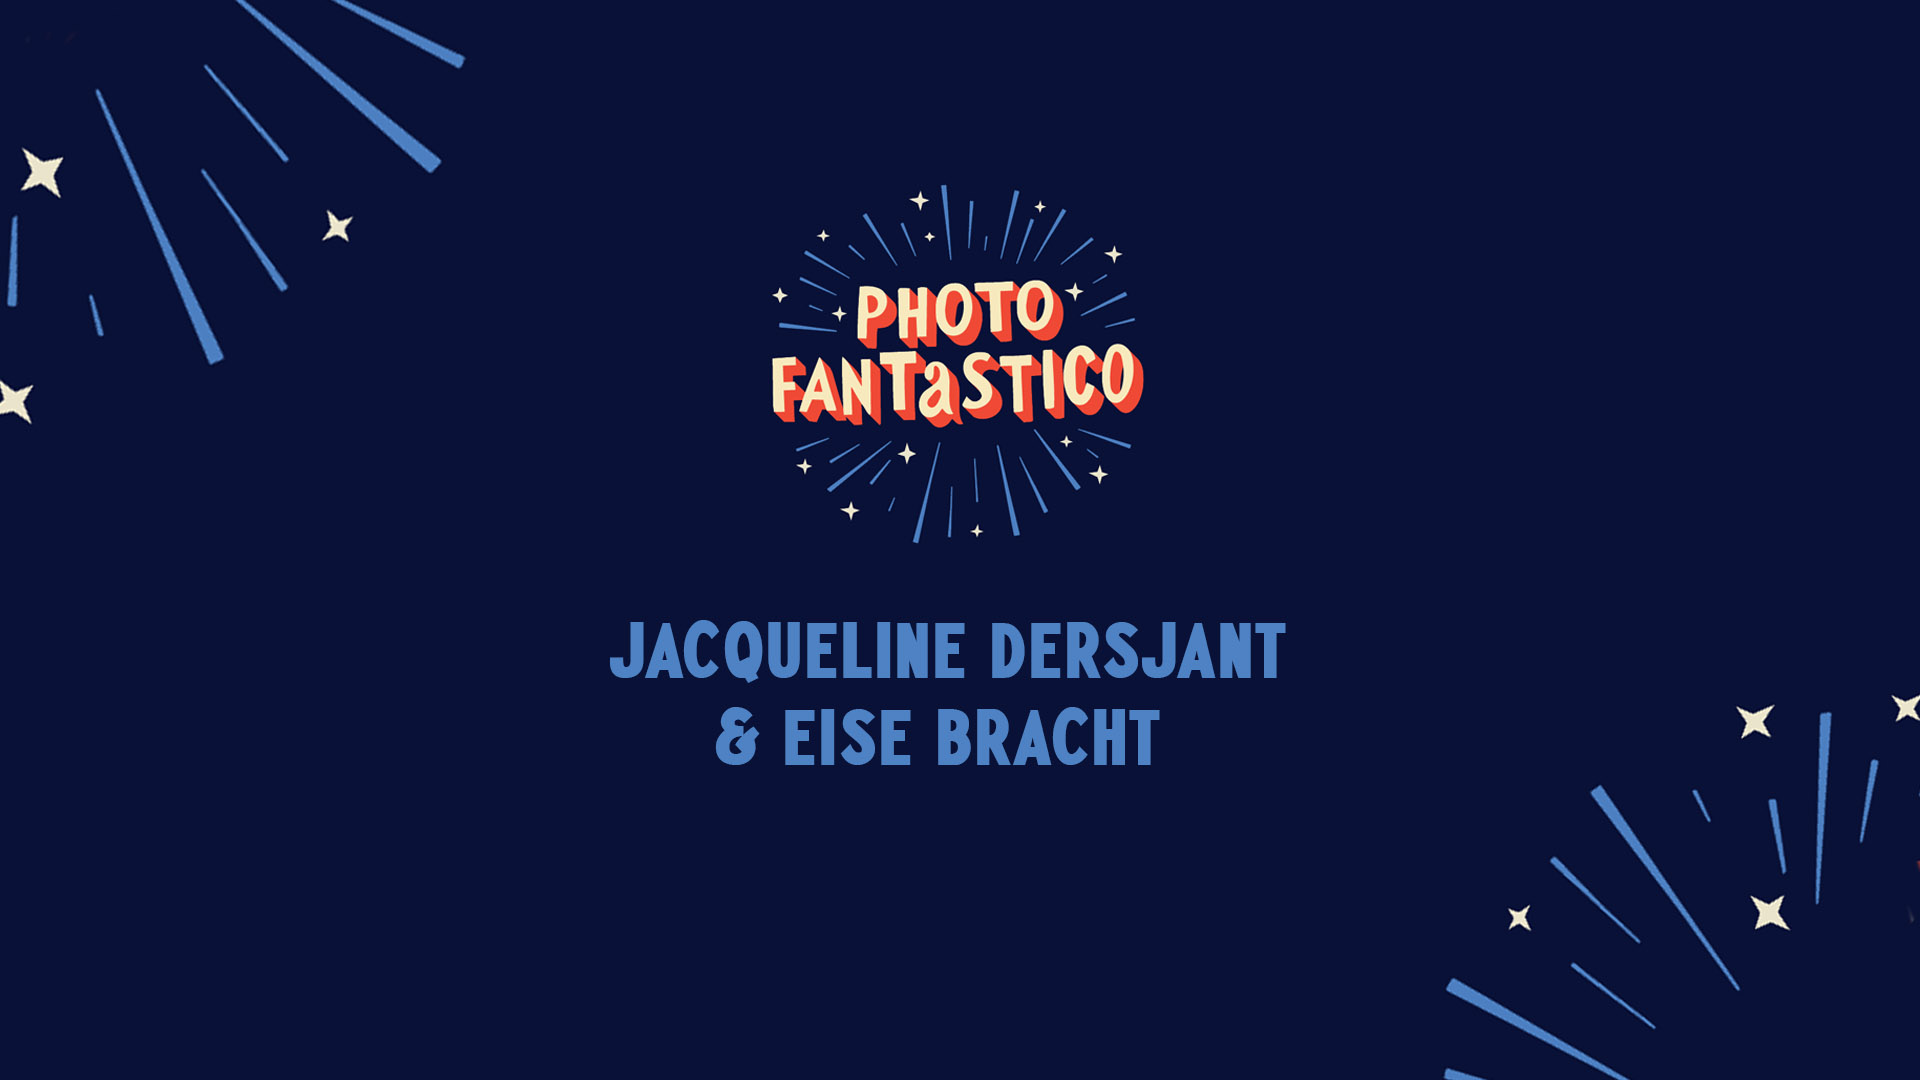 NEW jacqueline